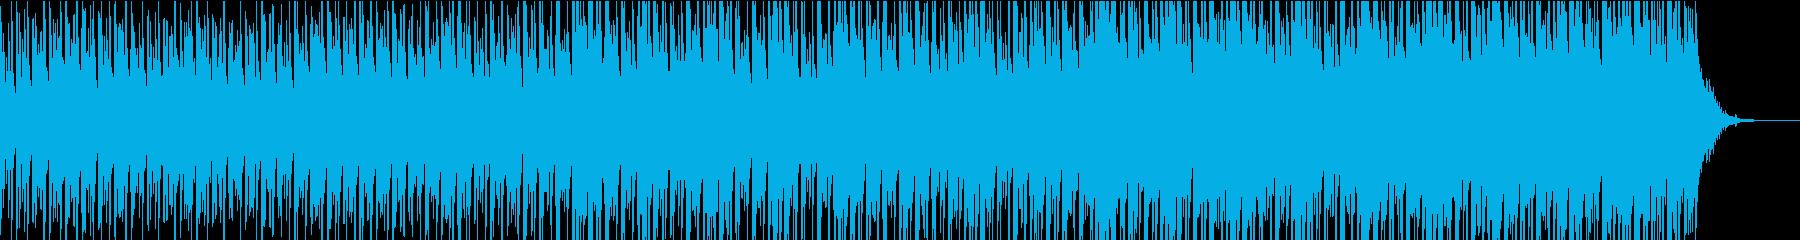 天の川を連想させる和の1曲の再生済みの波形